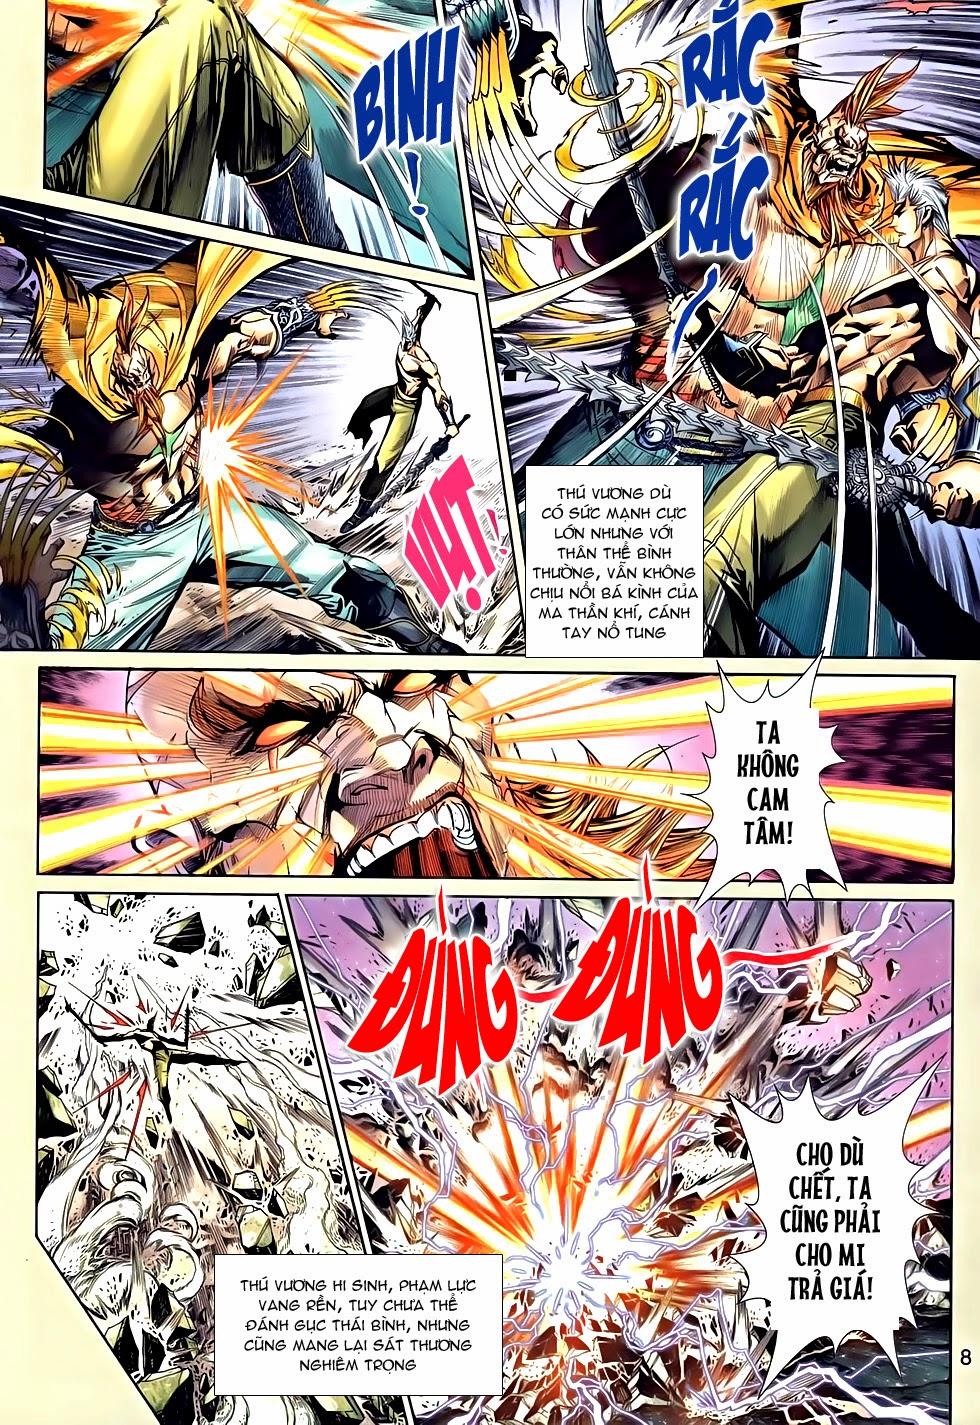 Thần Binh Tiền Truyện 2 chap 21 Trang 8 - Mangak.info